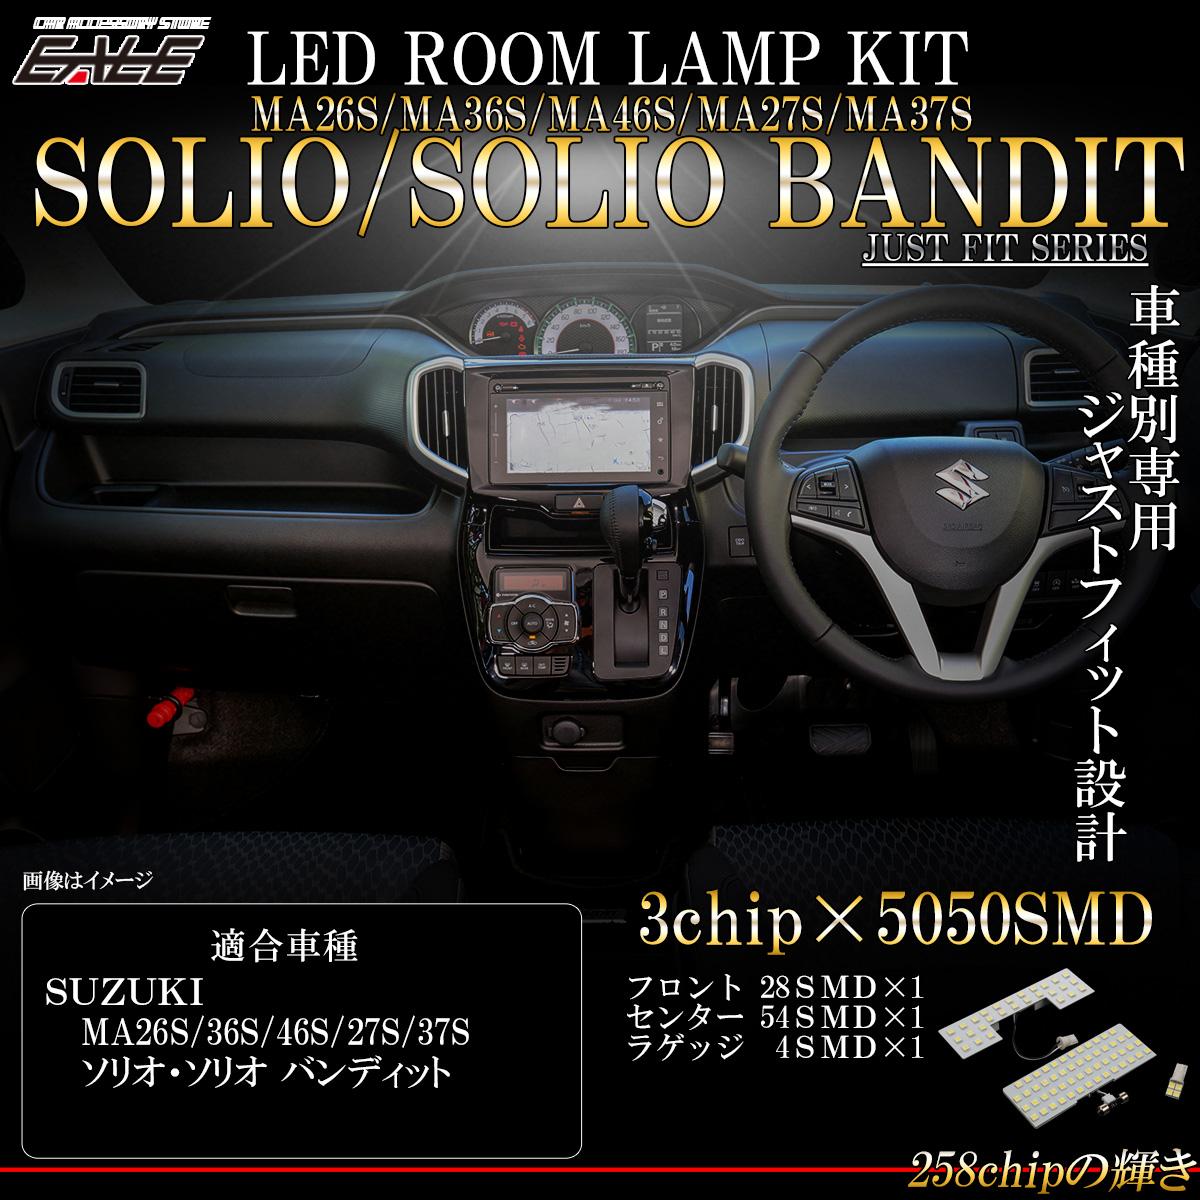 【ネコポス可】 LED ルームランプ ソリオ SOLIO バンディット MA26S MA36S MA46S 純白光 7000K ホワイト 専用設計 R-477